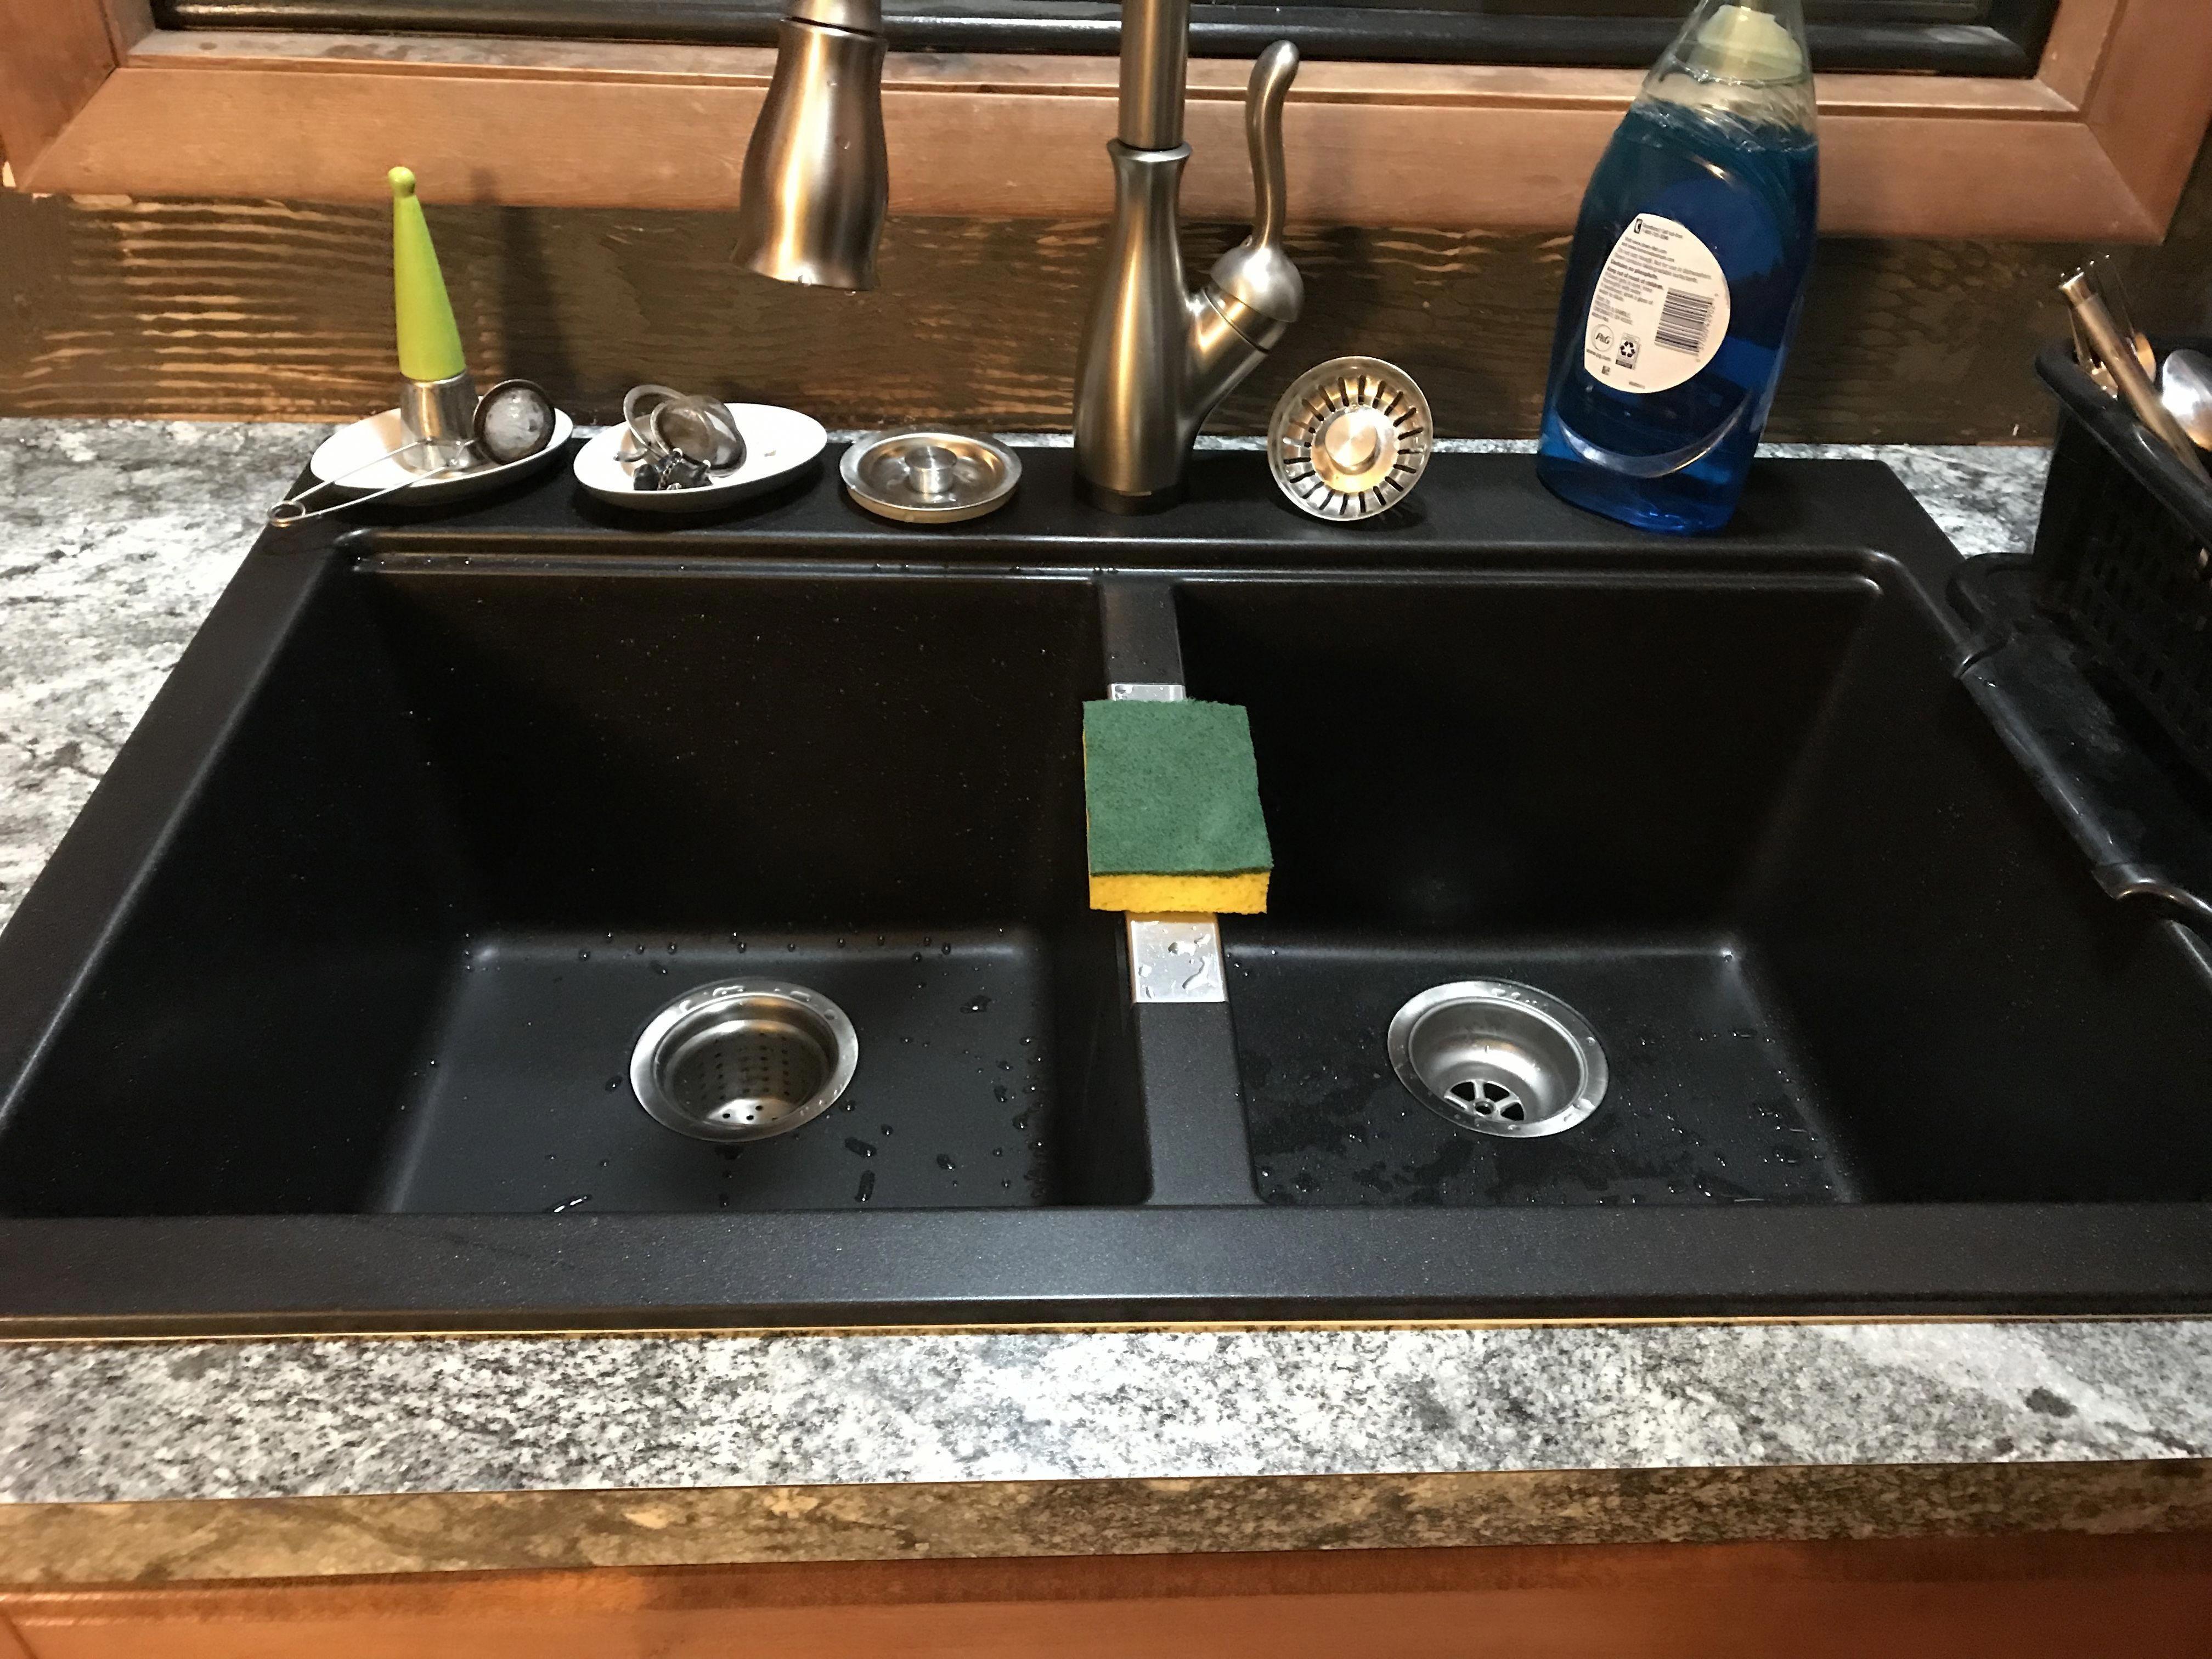 homeimprovementkitchen home improvement help in 2019 sink rh pinterest com